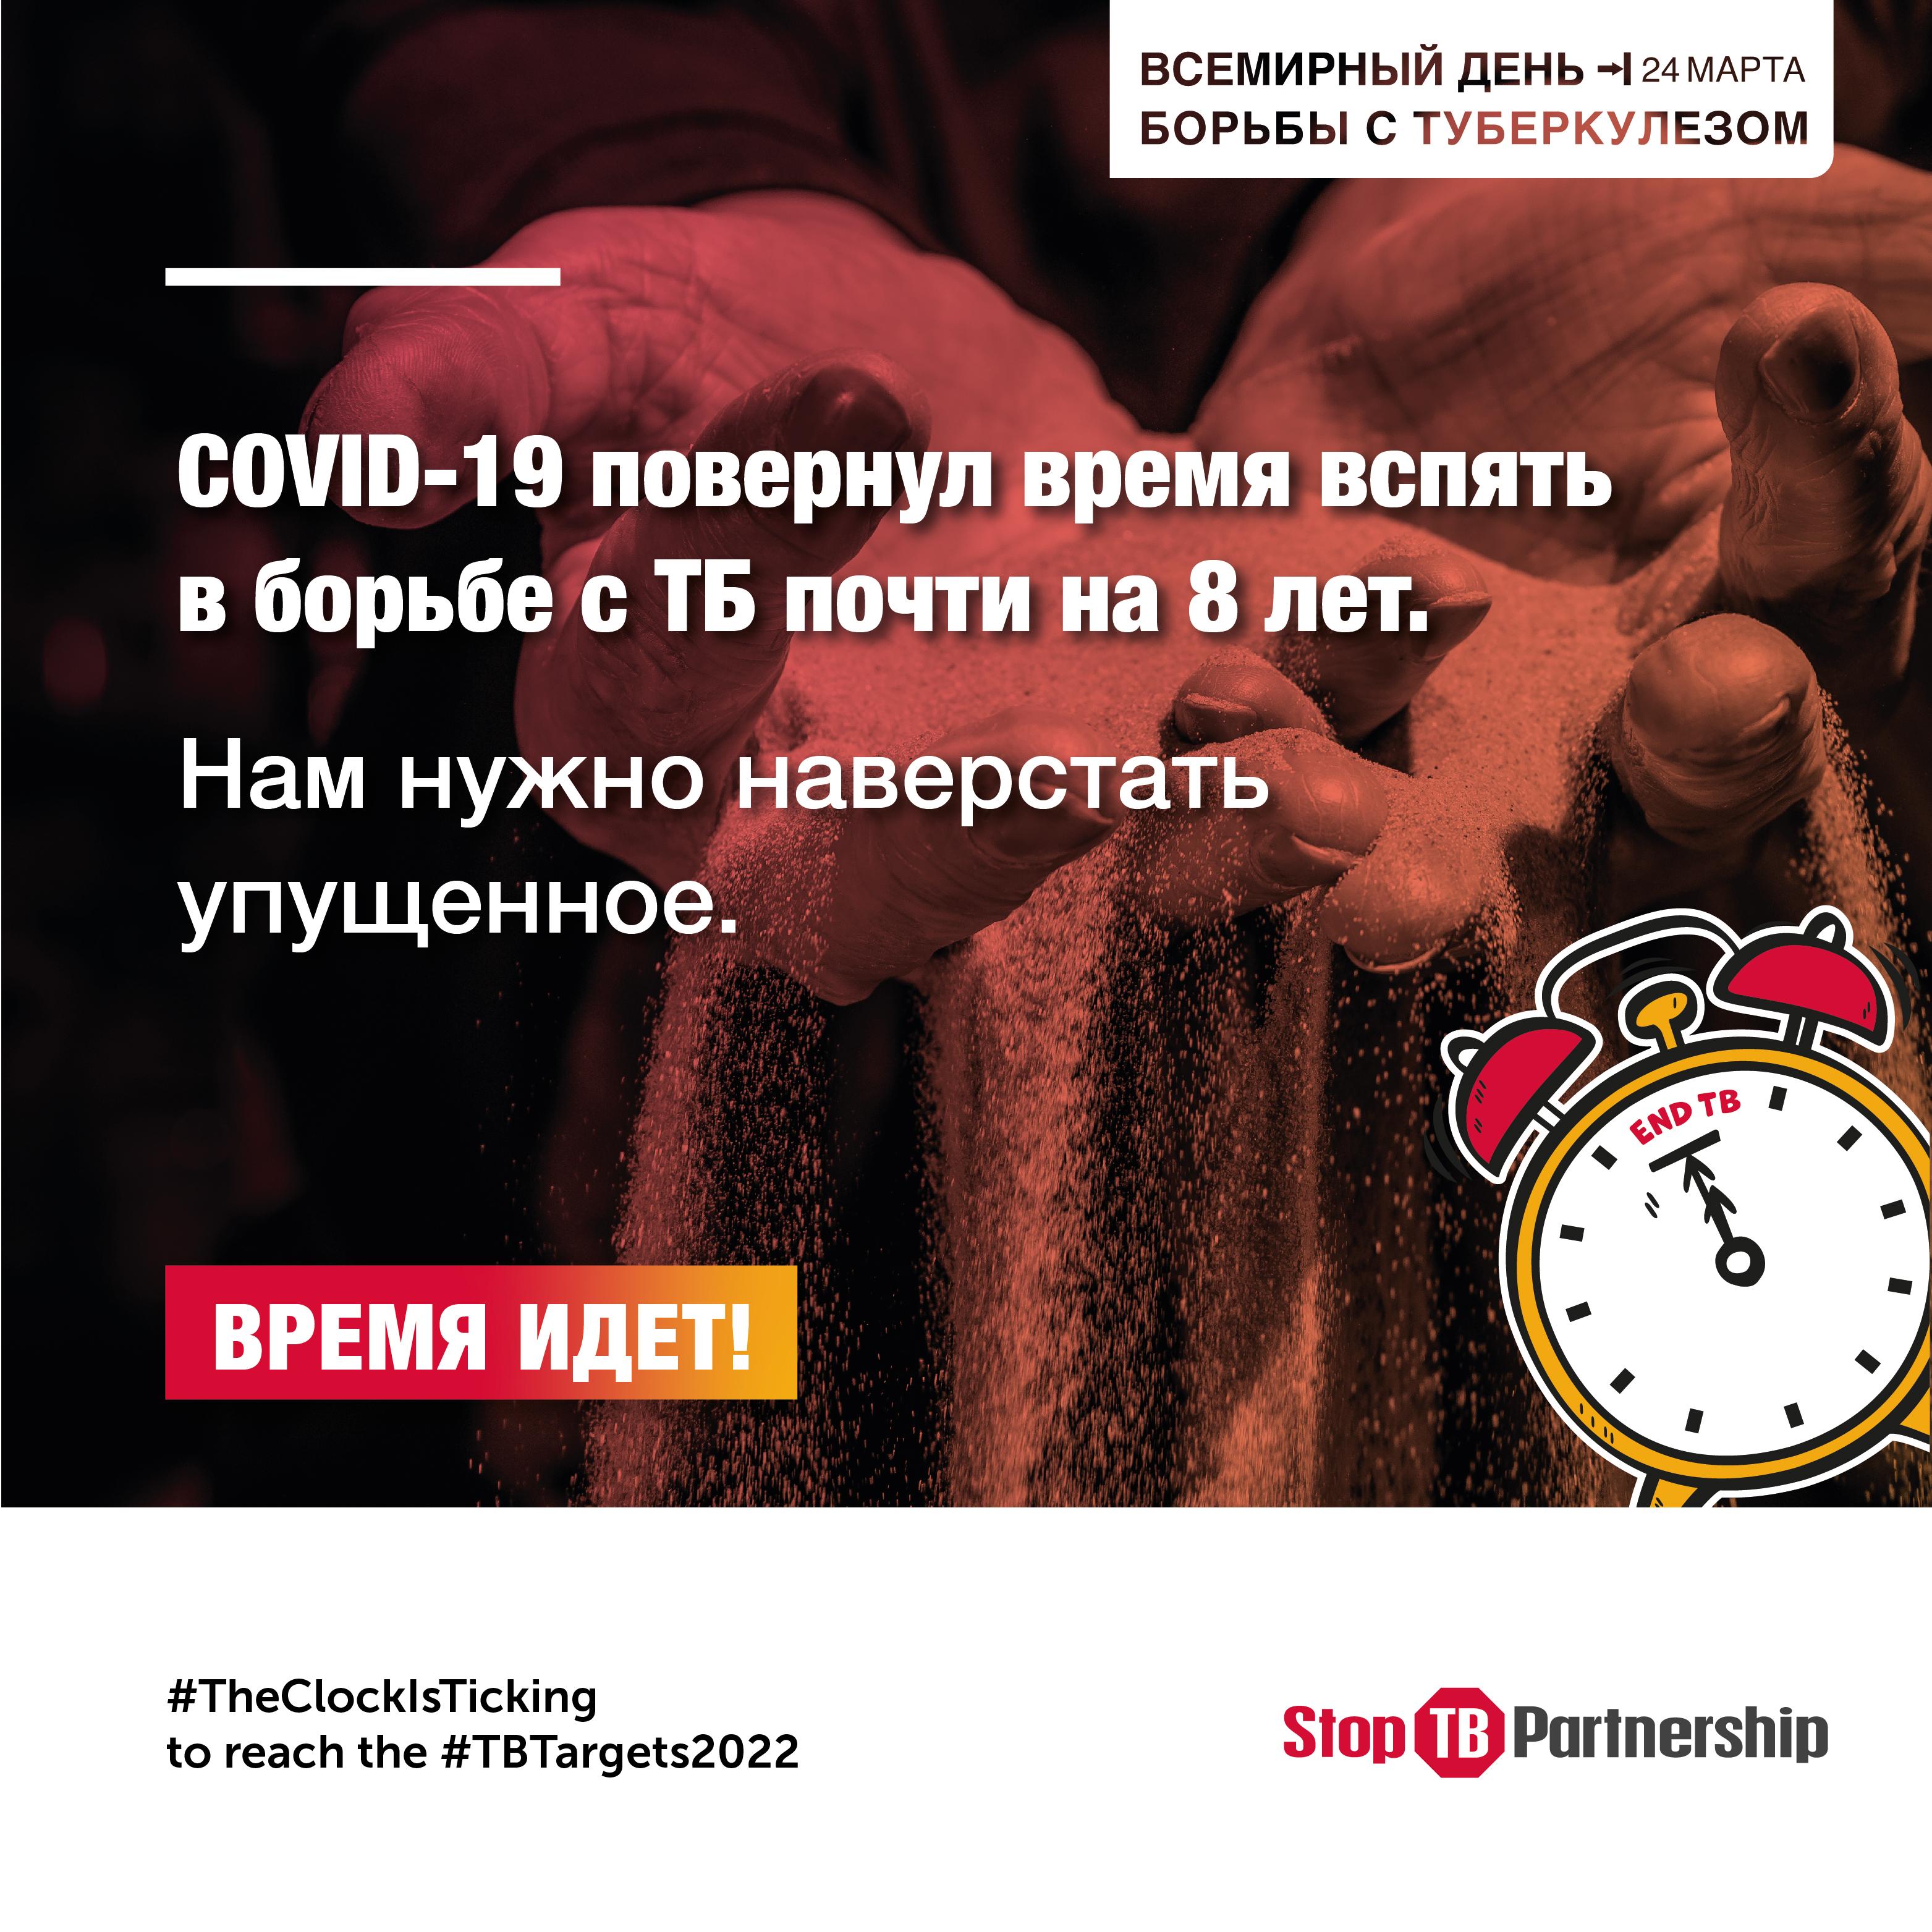 24 марта - Всемирный день борьбы с туберкулезом. Отчет о проведении акции